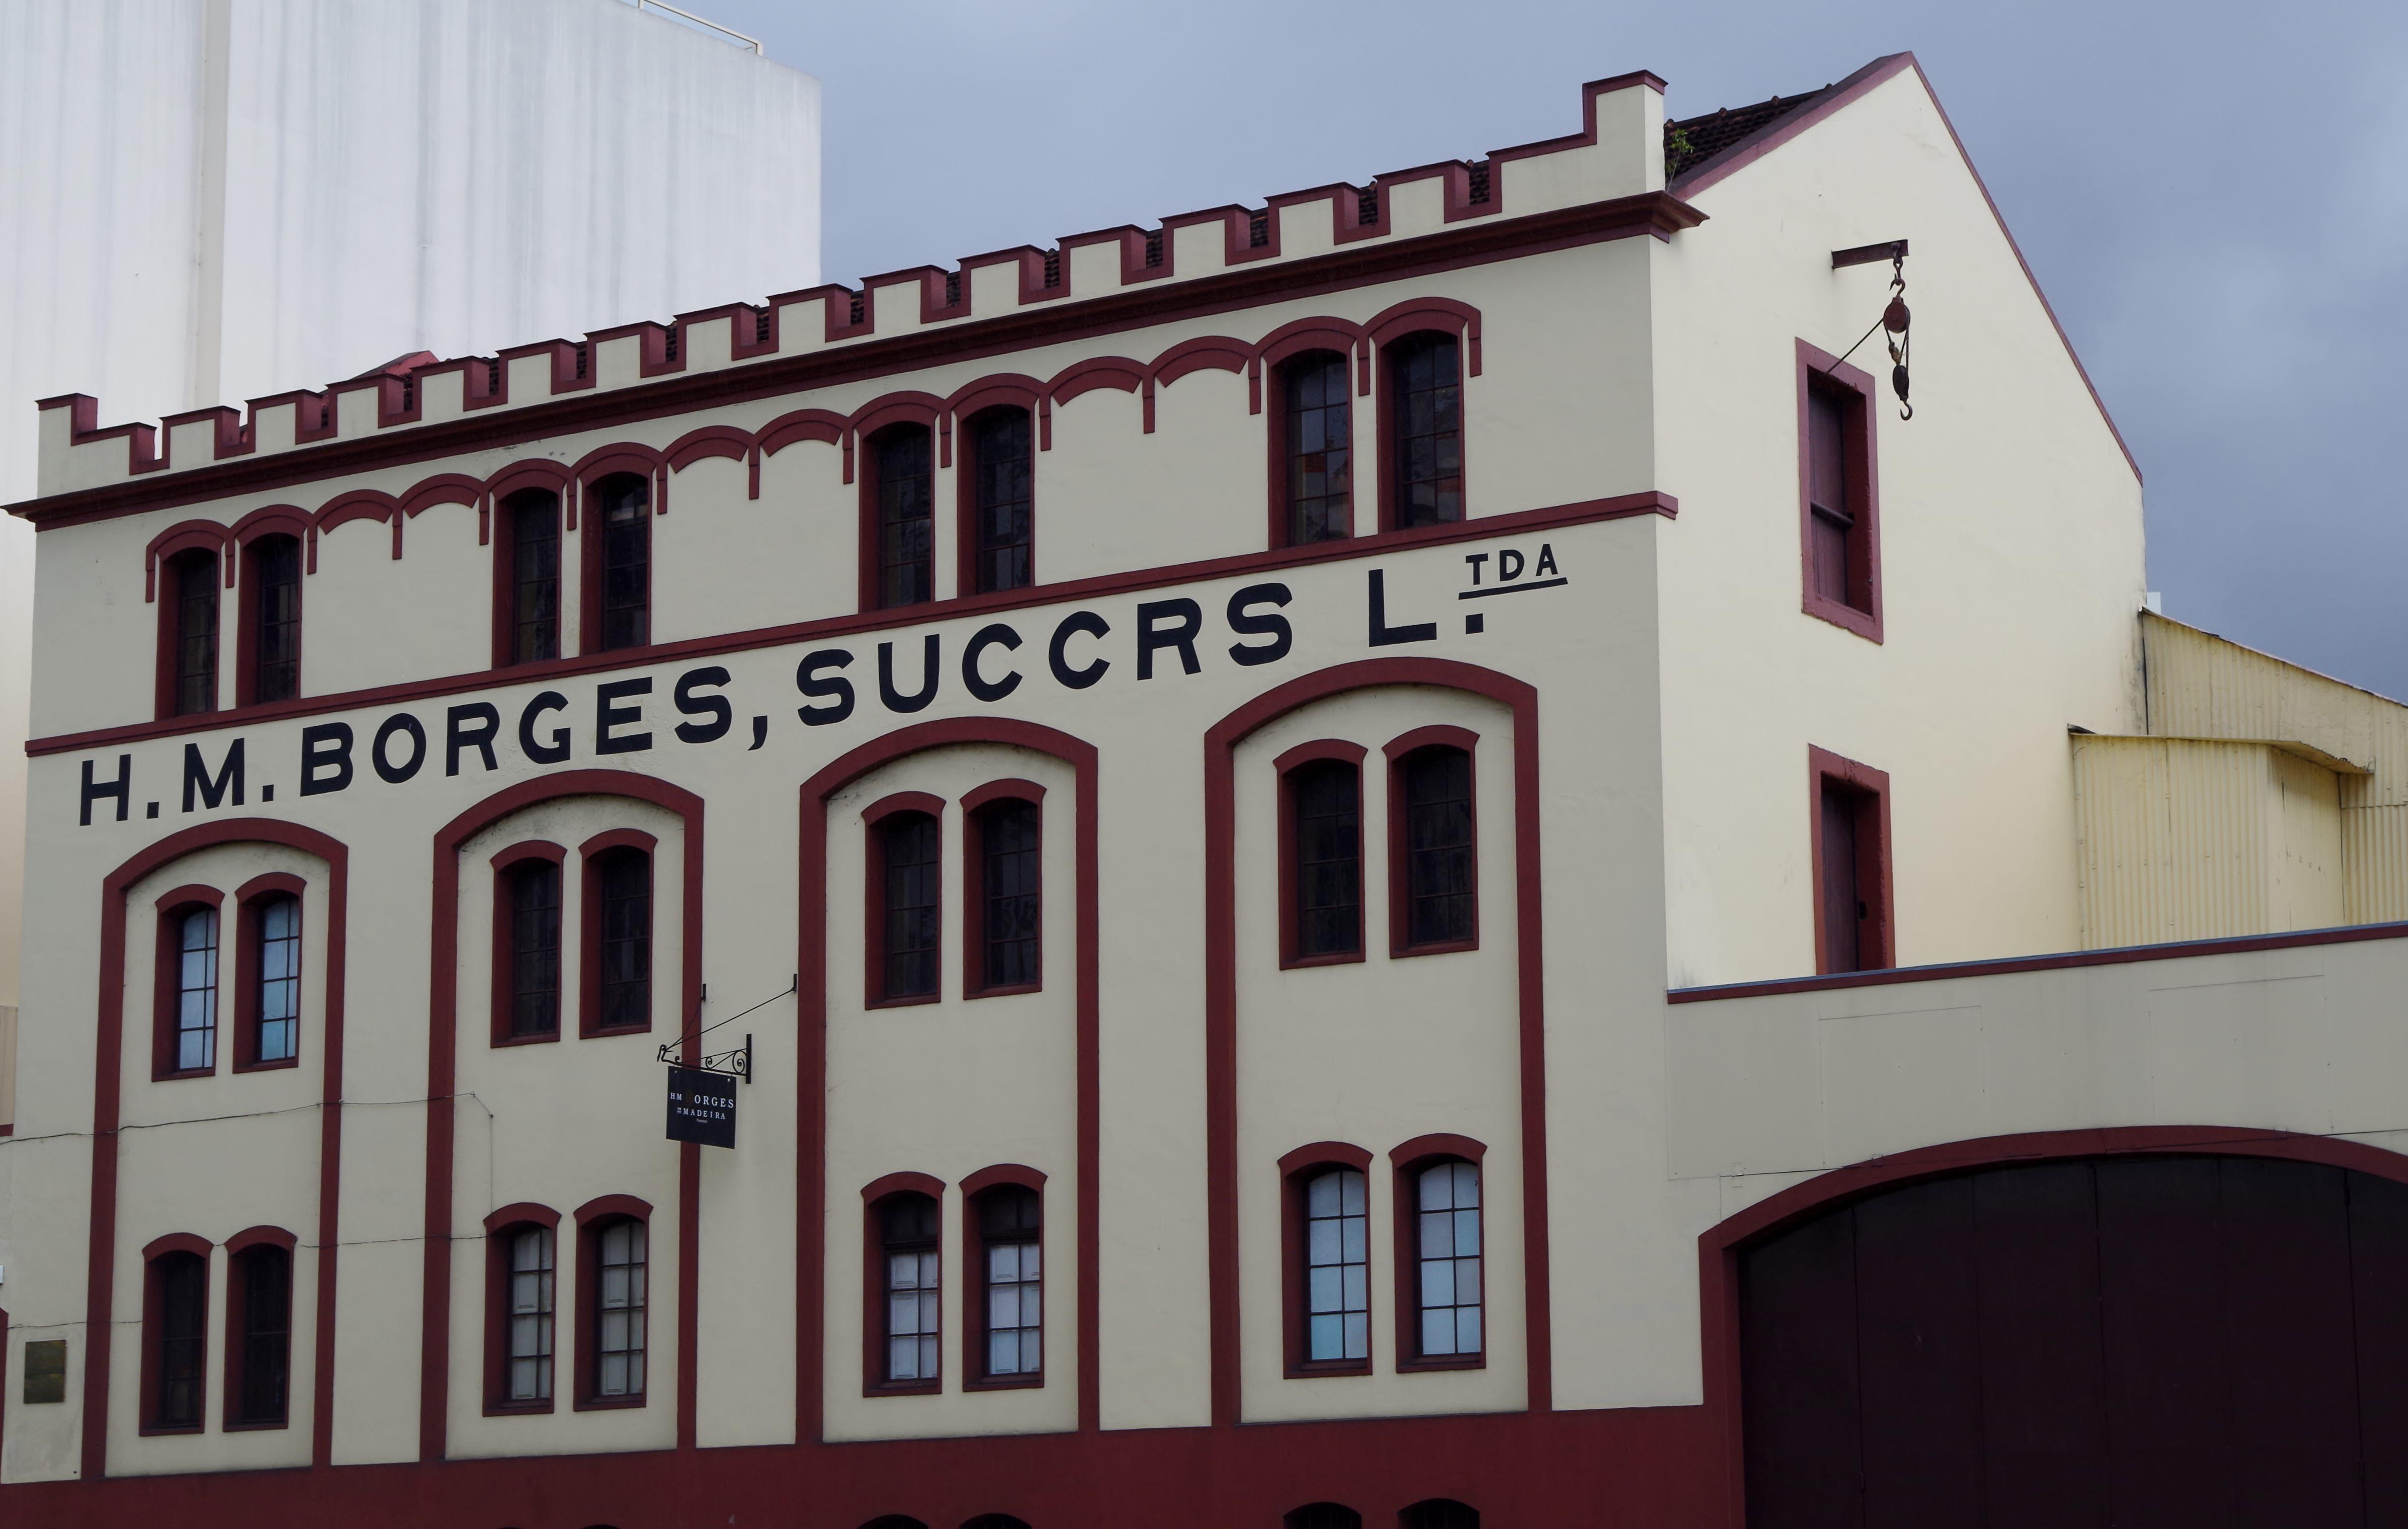 Borges building